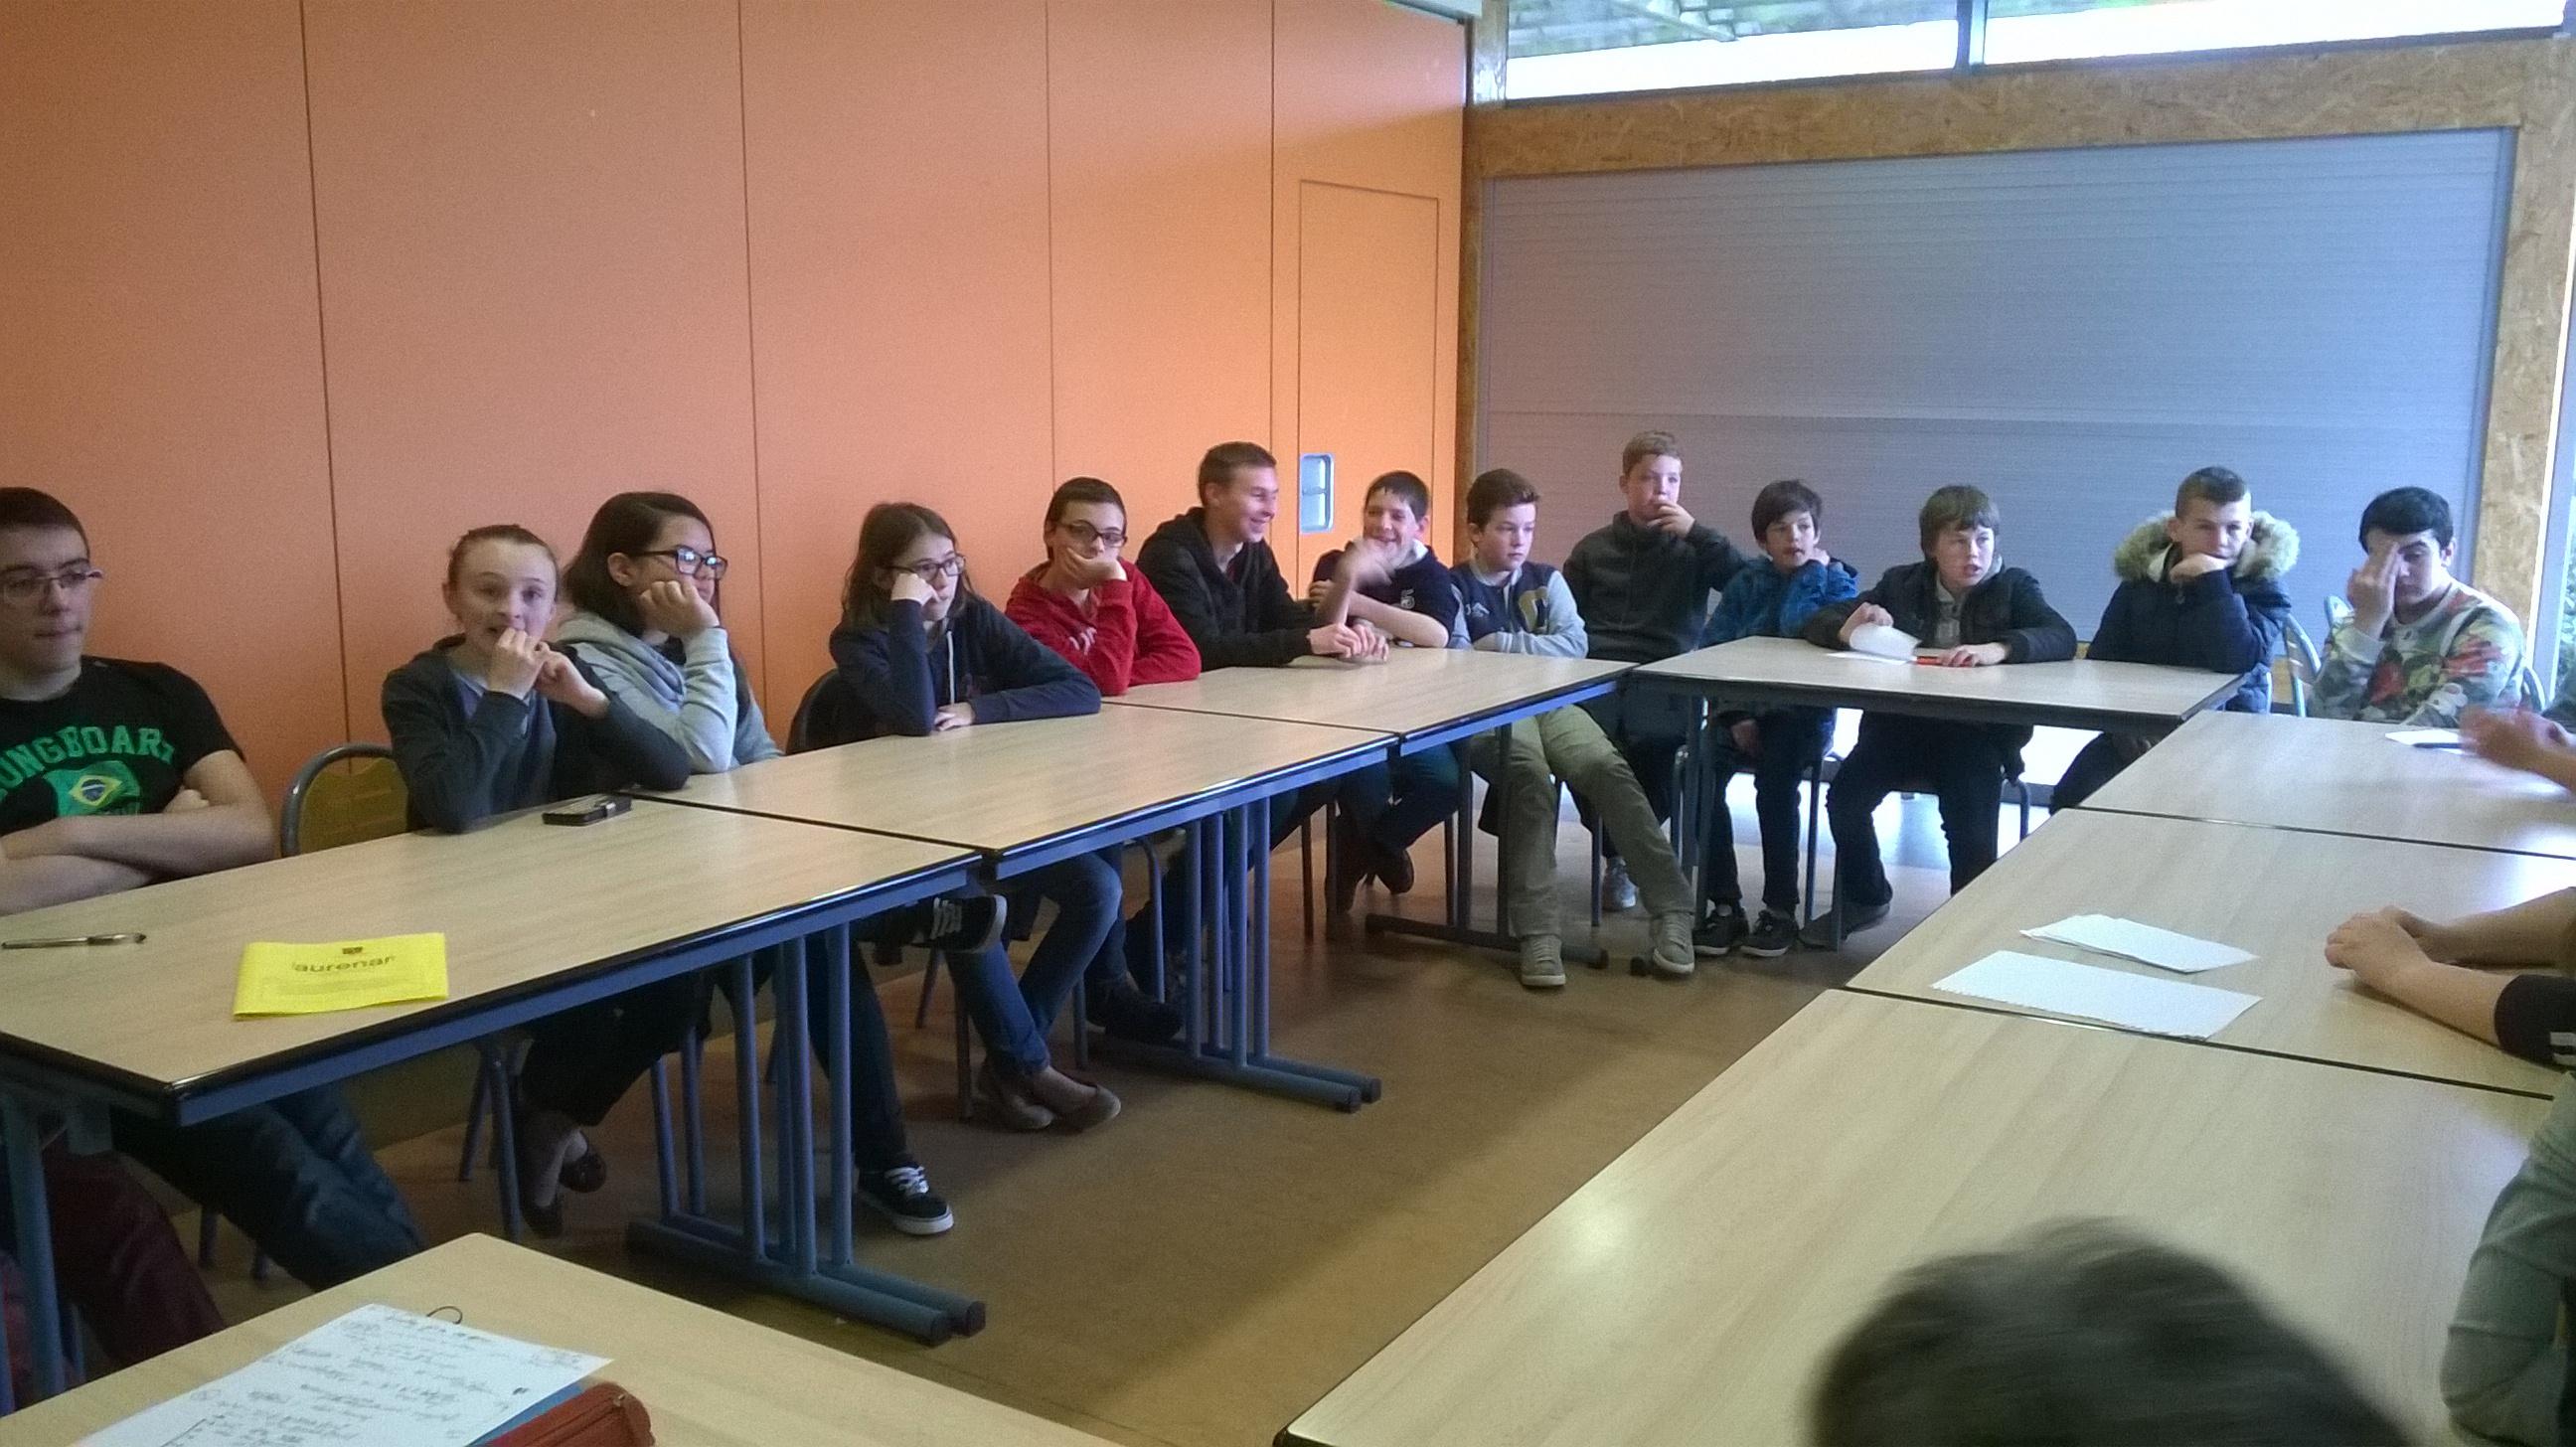 Rencontres jeunesse 35